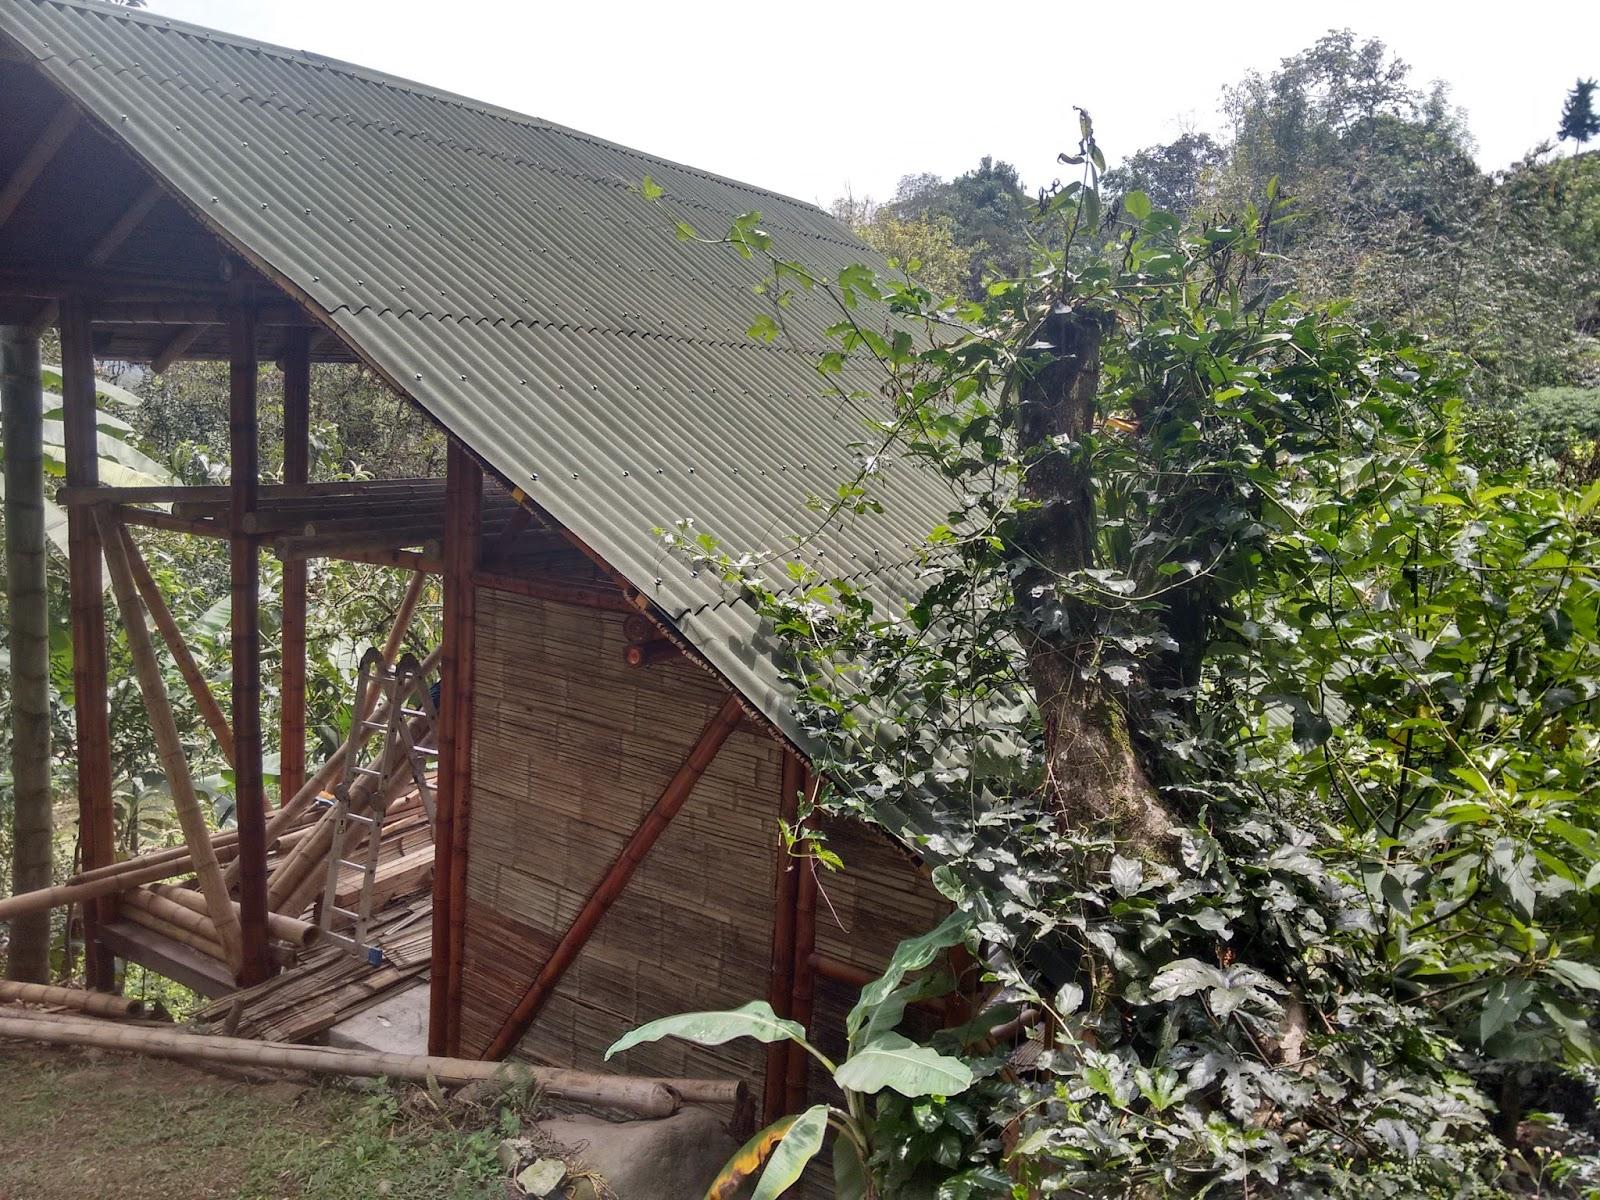 Construyendo aldeafeliz building an ecovillage una casa for Costruendo su una casa di ranch